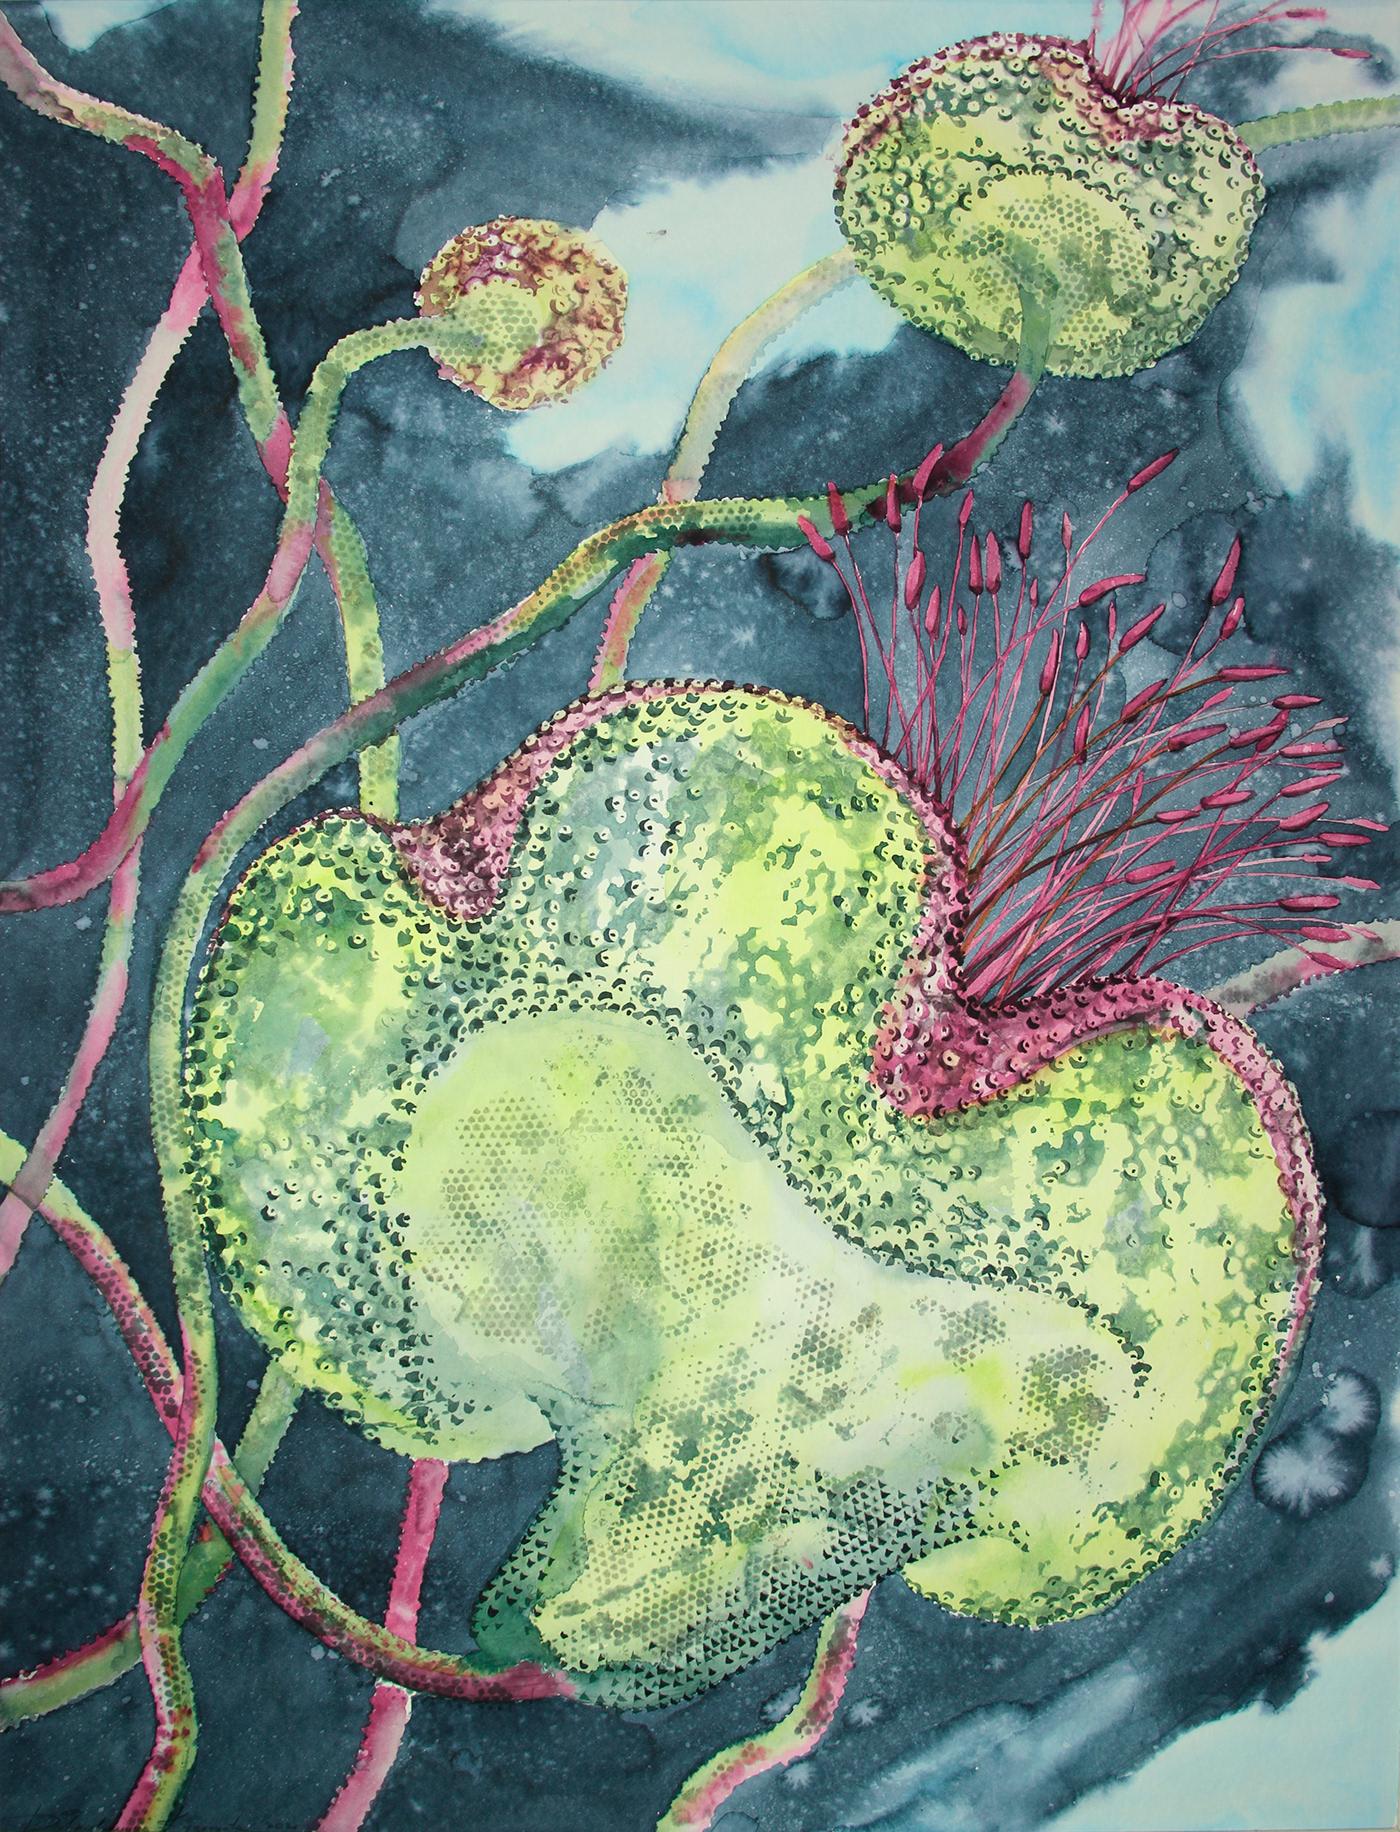 Flowers graphic snake акварель графика змеиный цветок Иллюстратор художник цветы